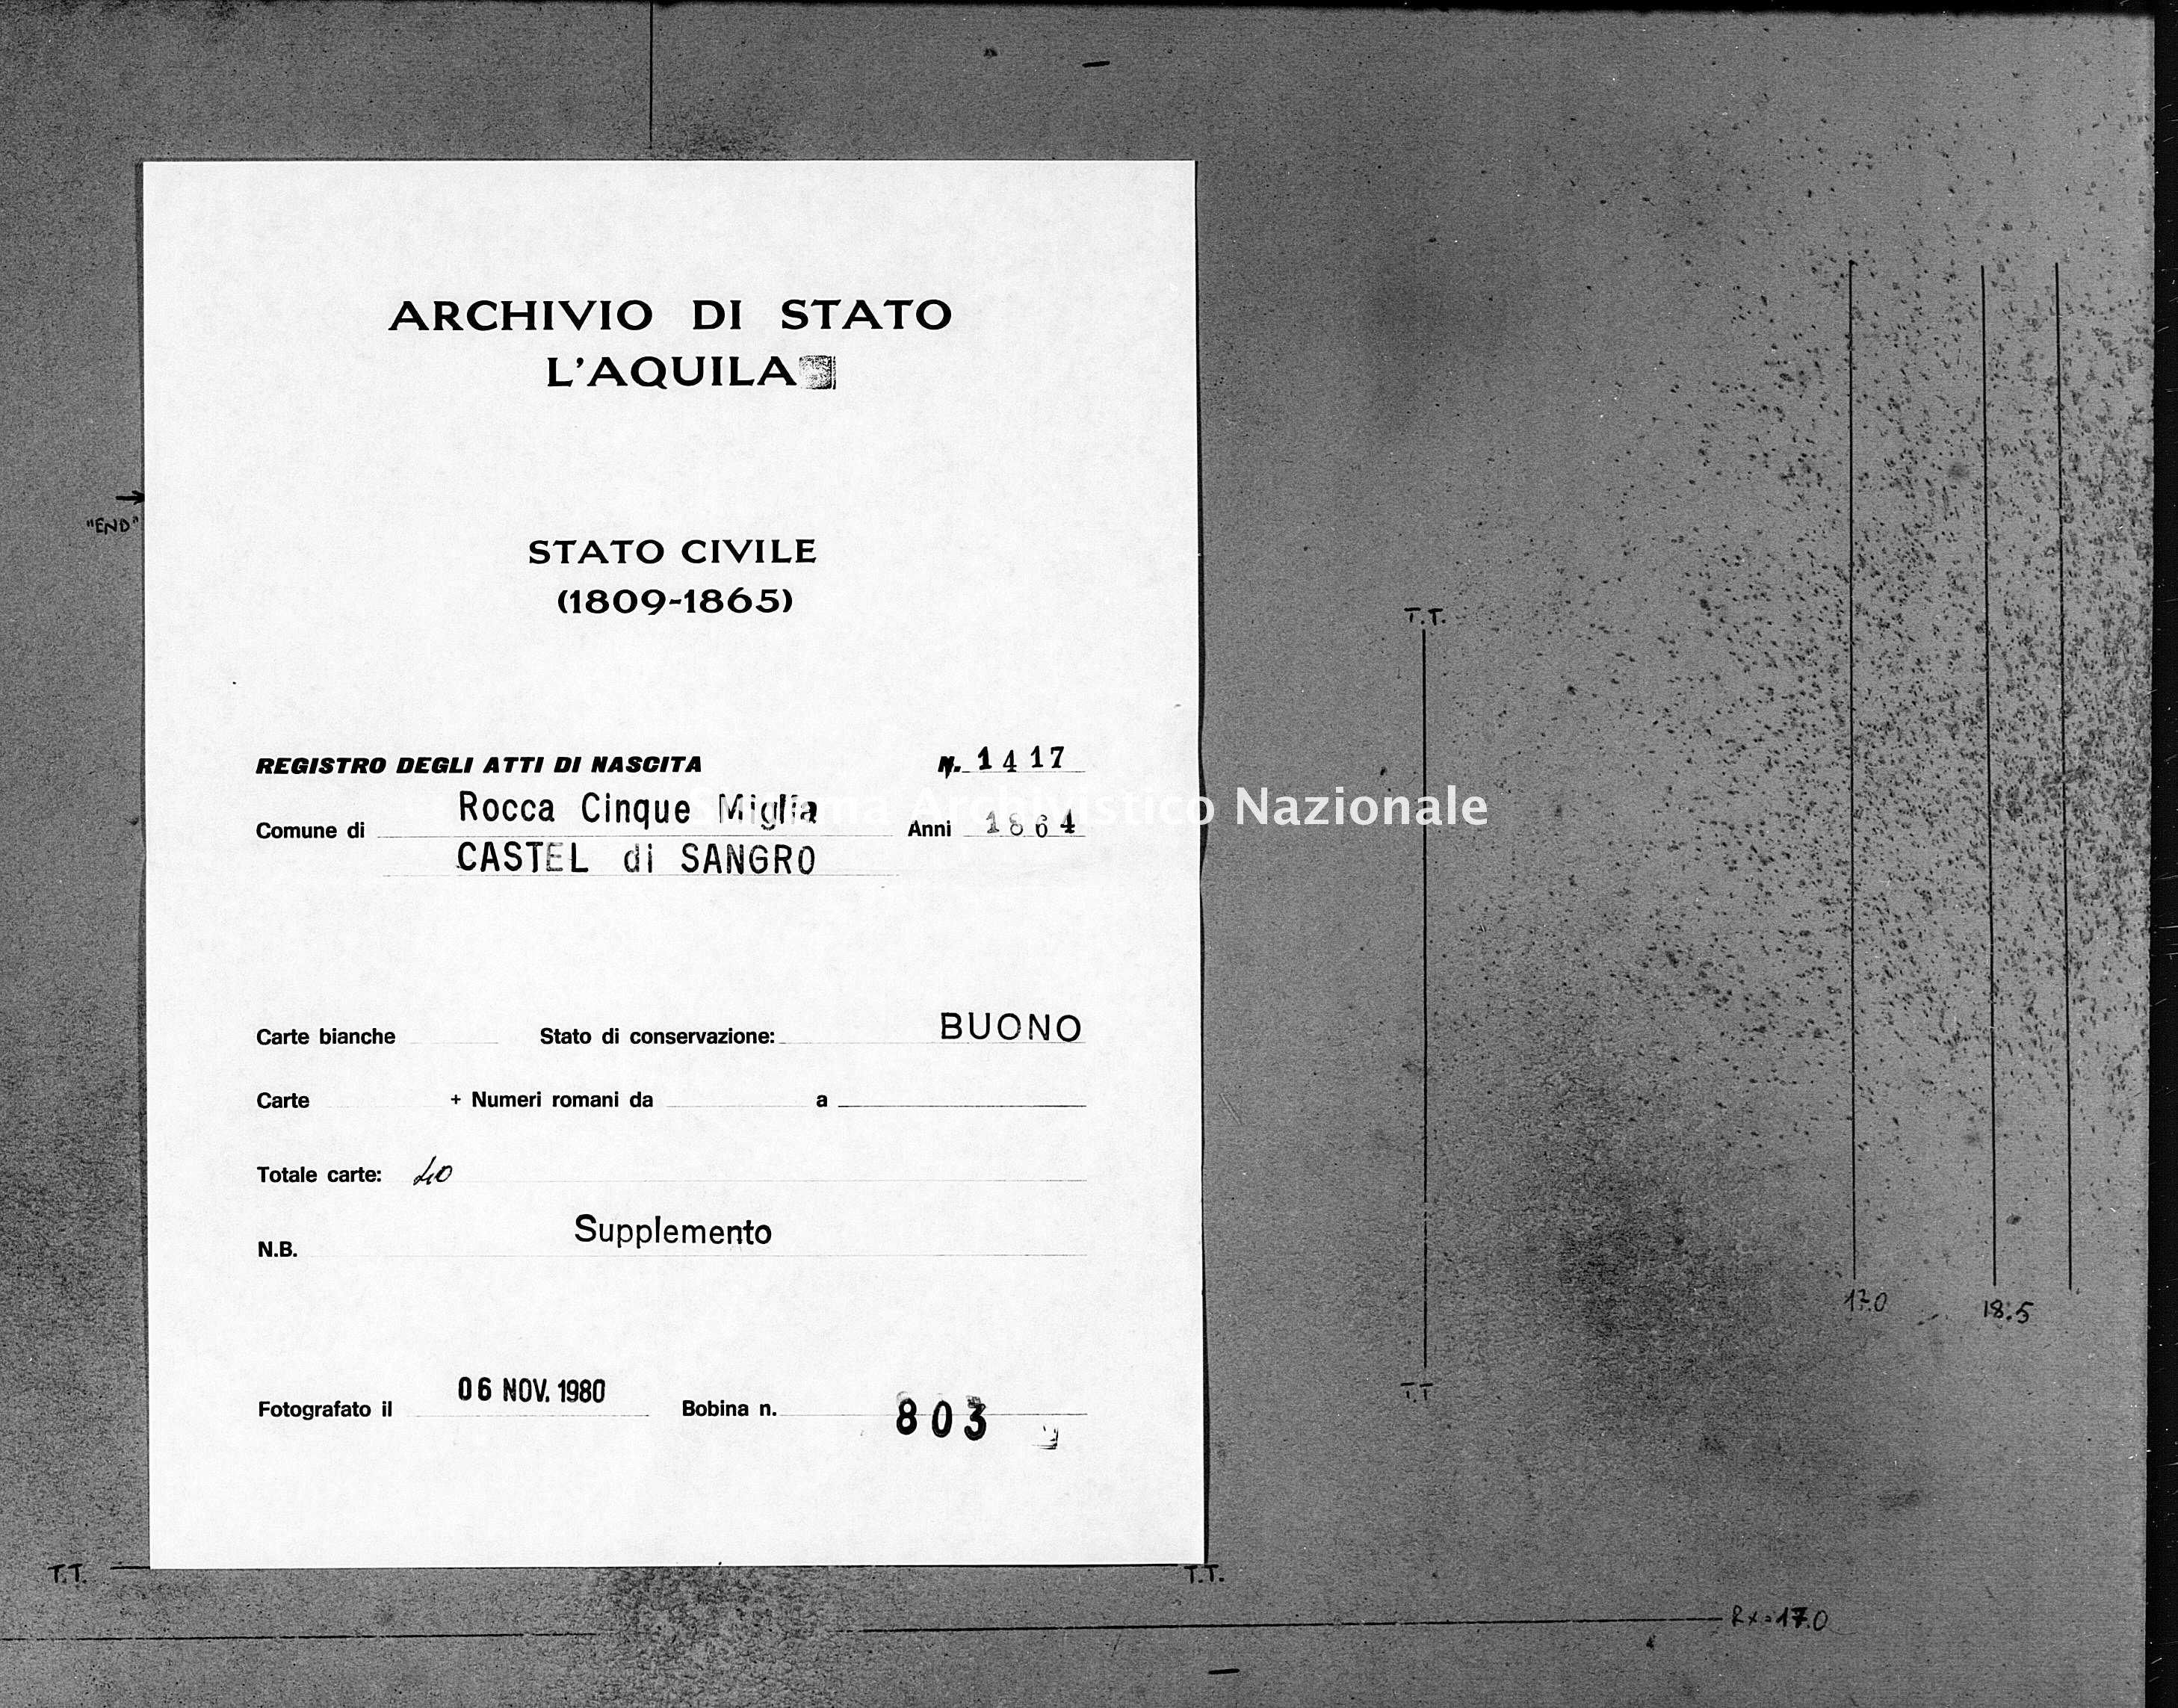 Archivio di stato di L'aquila - Stato civile italiano - Rocca Cinquemiglia - Nati, battesimi - 1864 - 1417 -